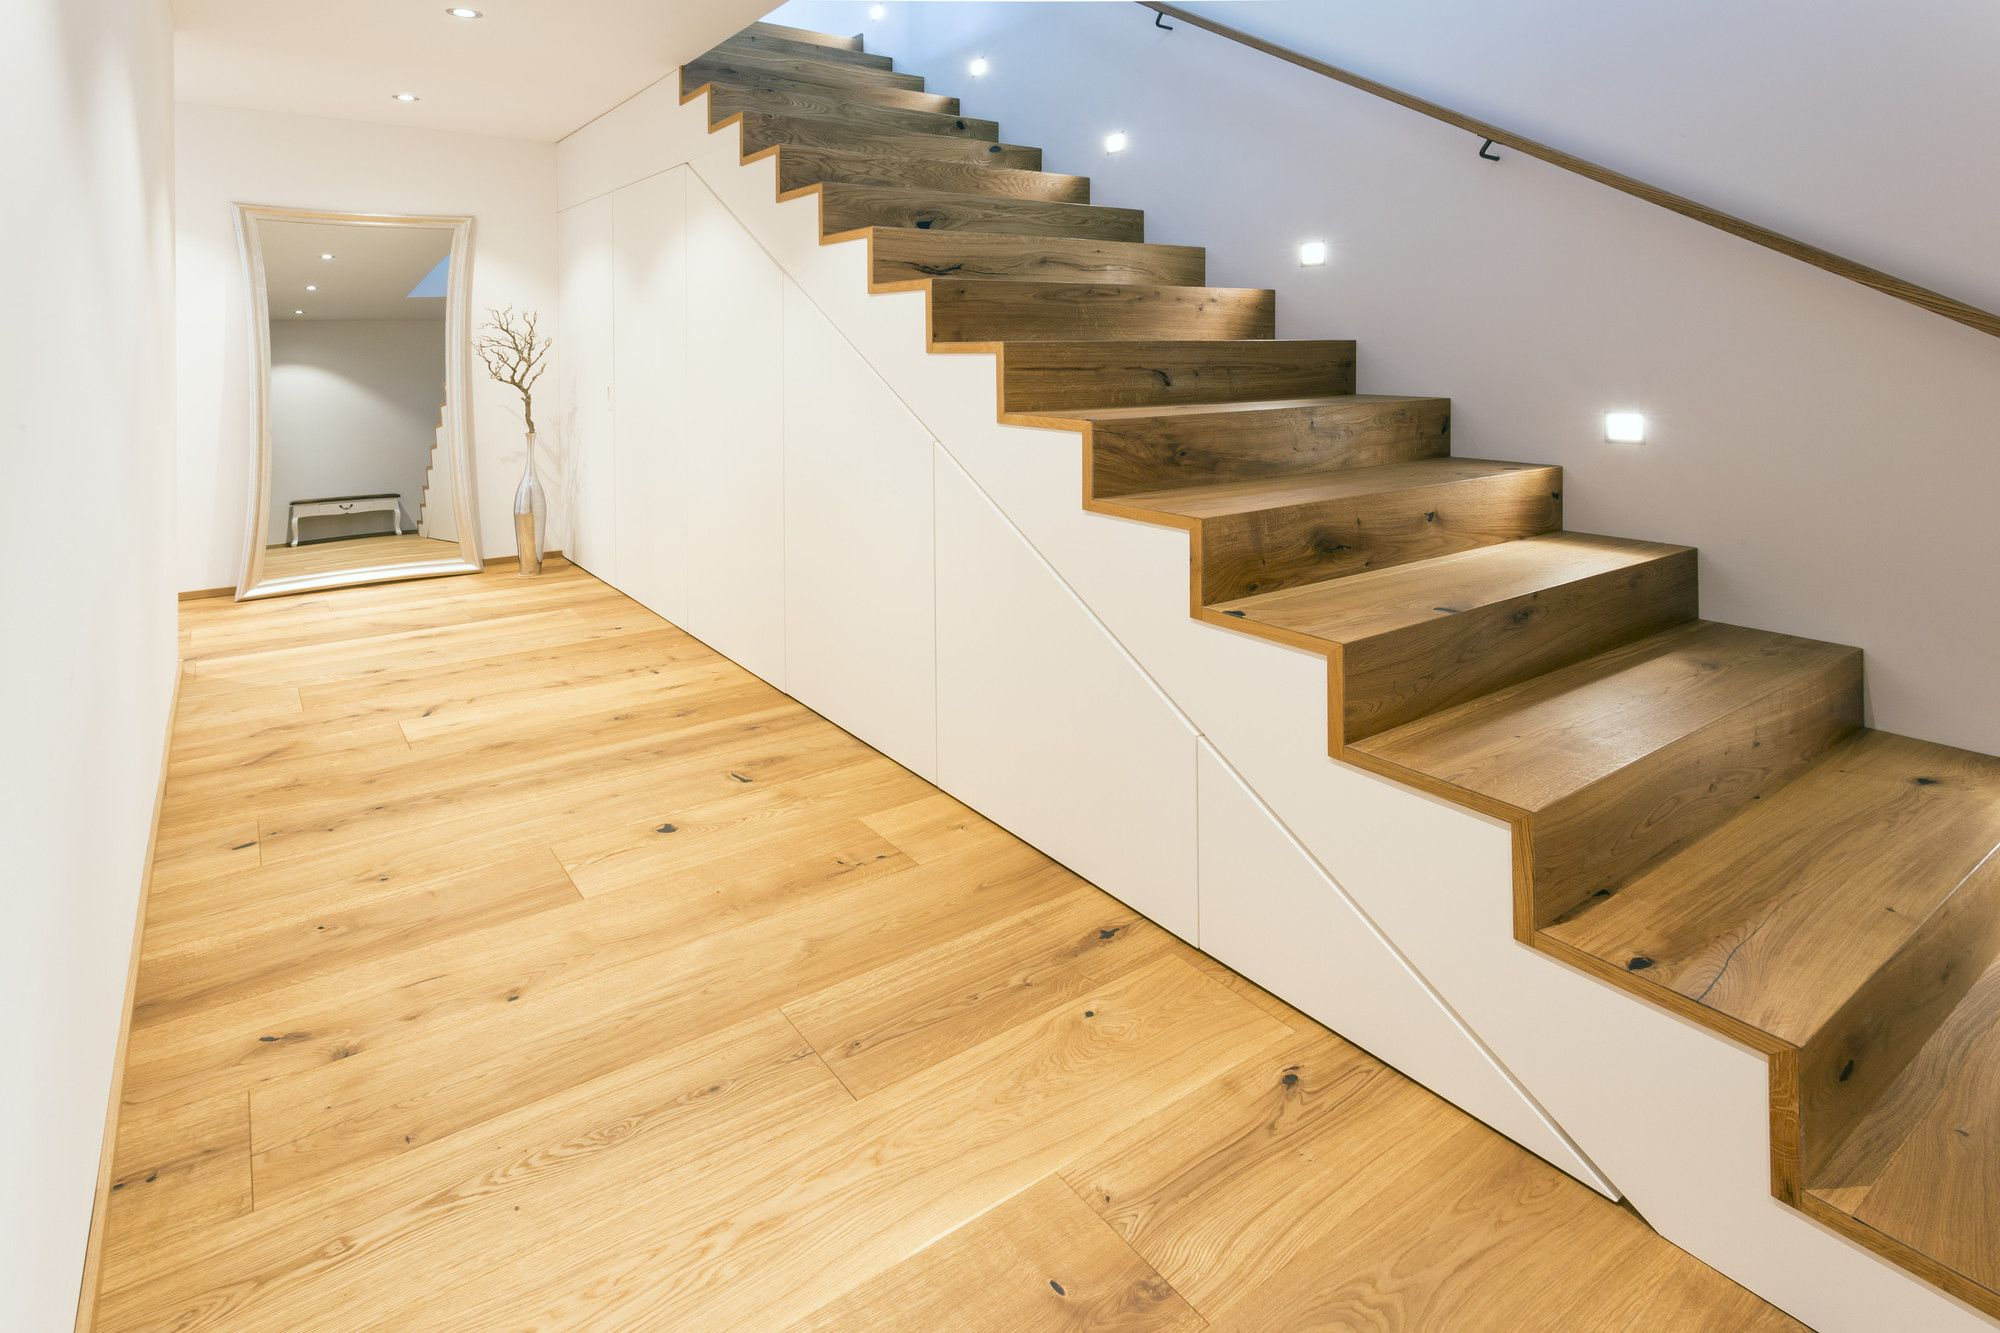 Einbauschranke Nach Mass Einbauschrank Einbauschrank Treppe Und